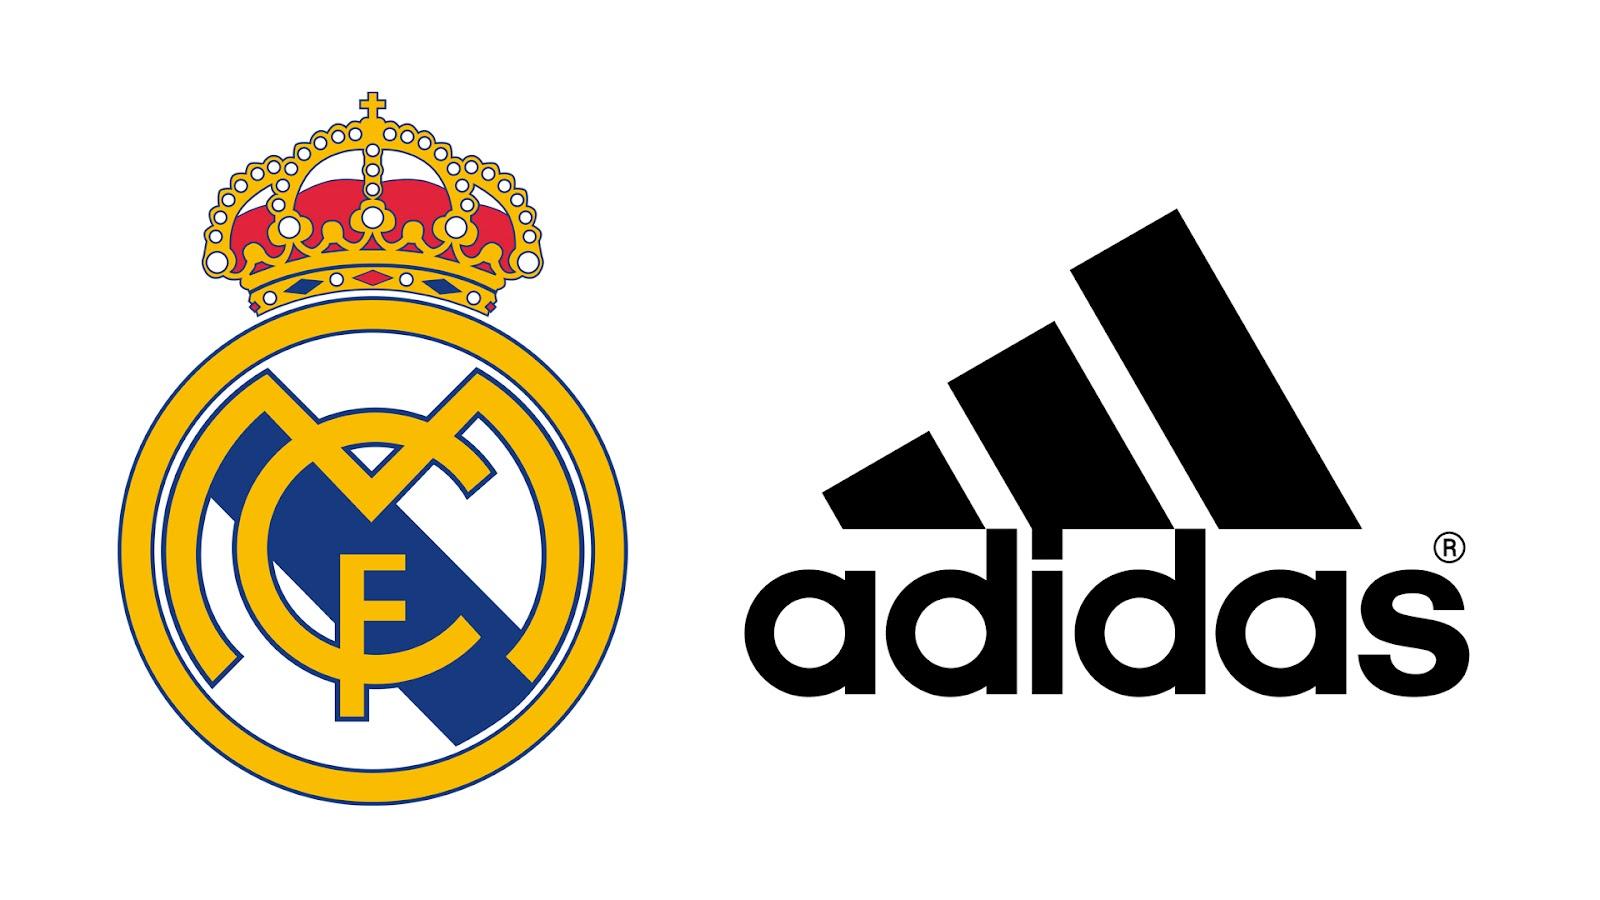 Filtrada la nueva camiseta titular adidas del Real Madrid